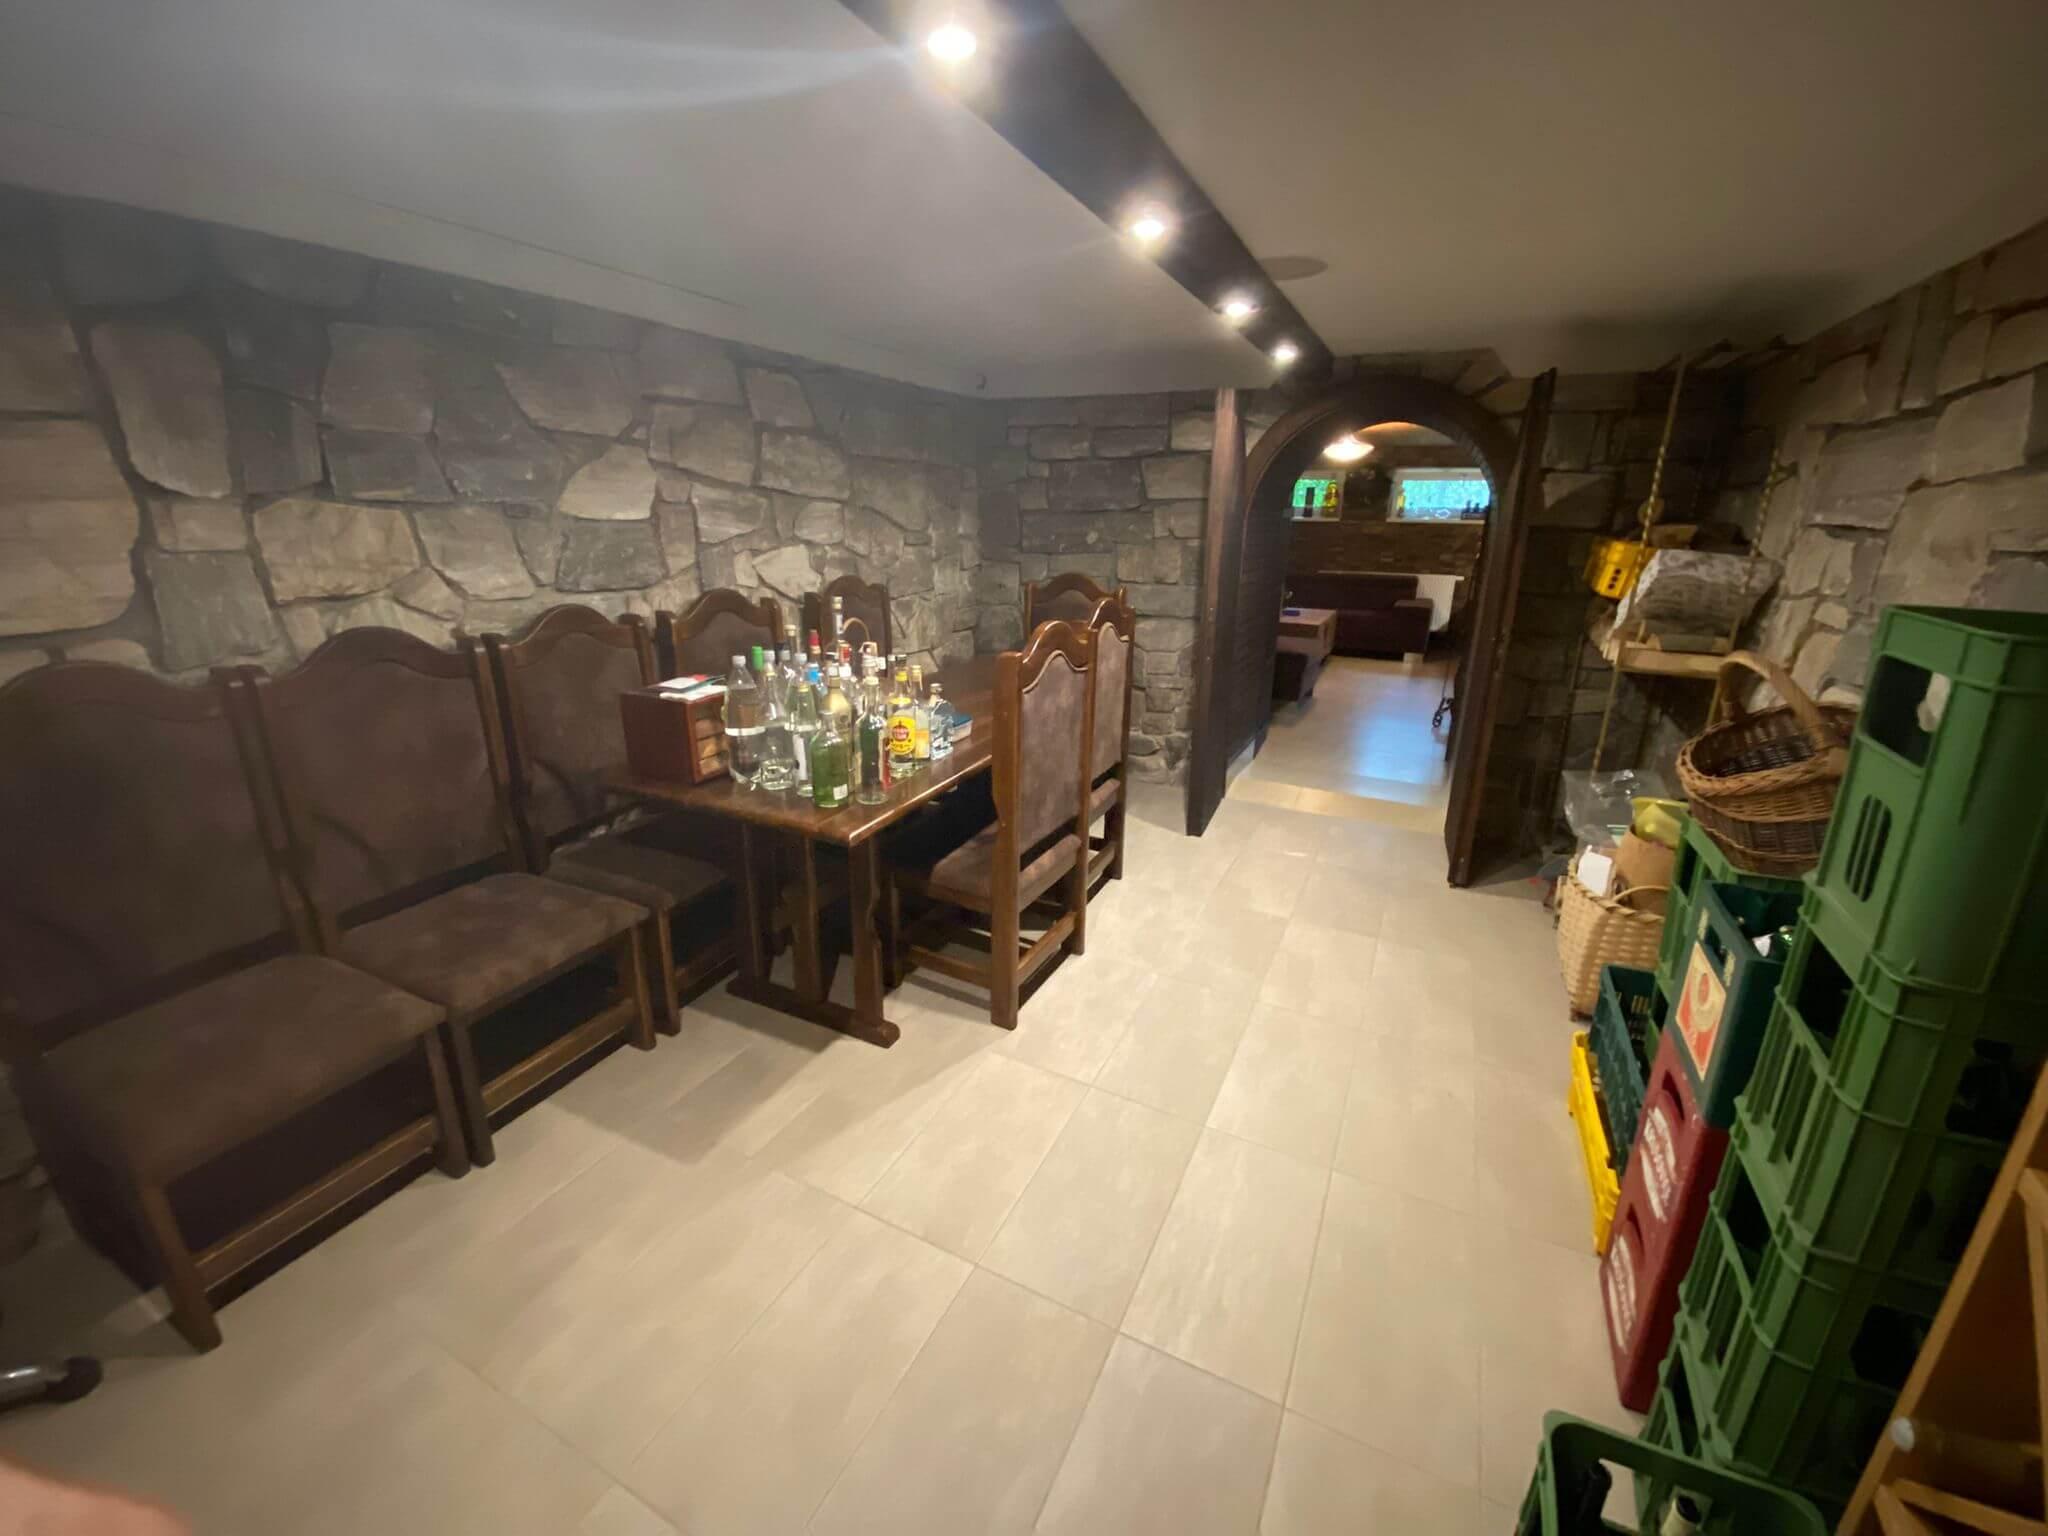 Rodinná Vila 6 izbová, úžitková 650m2, 3 podlažia, pozemok 1008m2, Lučenec – Opatová-6